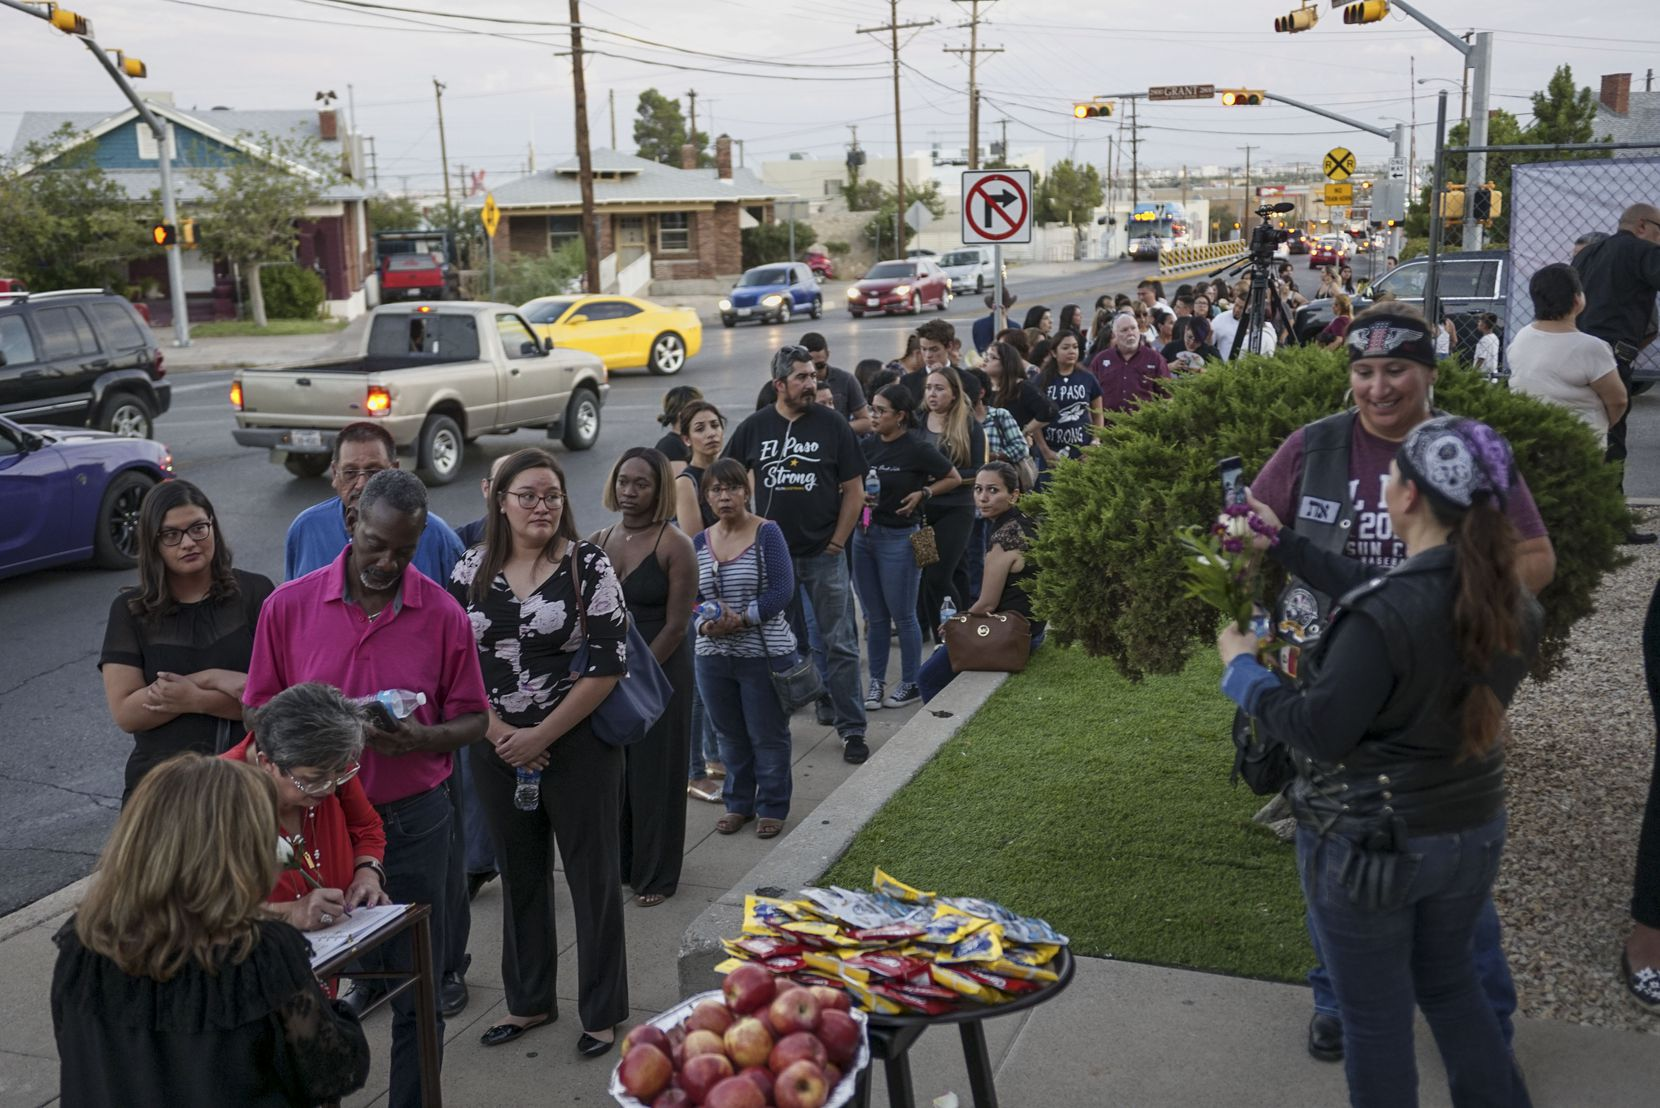 La fila de personas que esperaban ingresar por unos minutos a la funeraria para dar sus condolencias a Antonio Basco Por la muerte de su esposa  Margie Reckard.